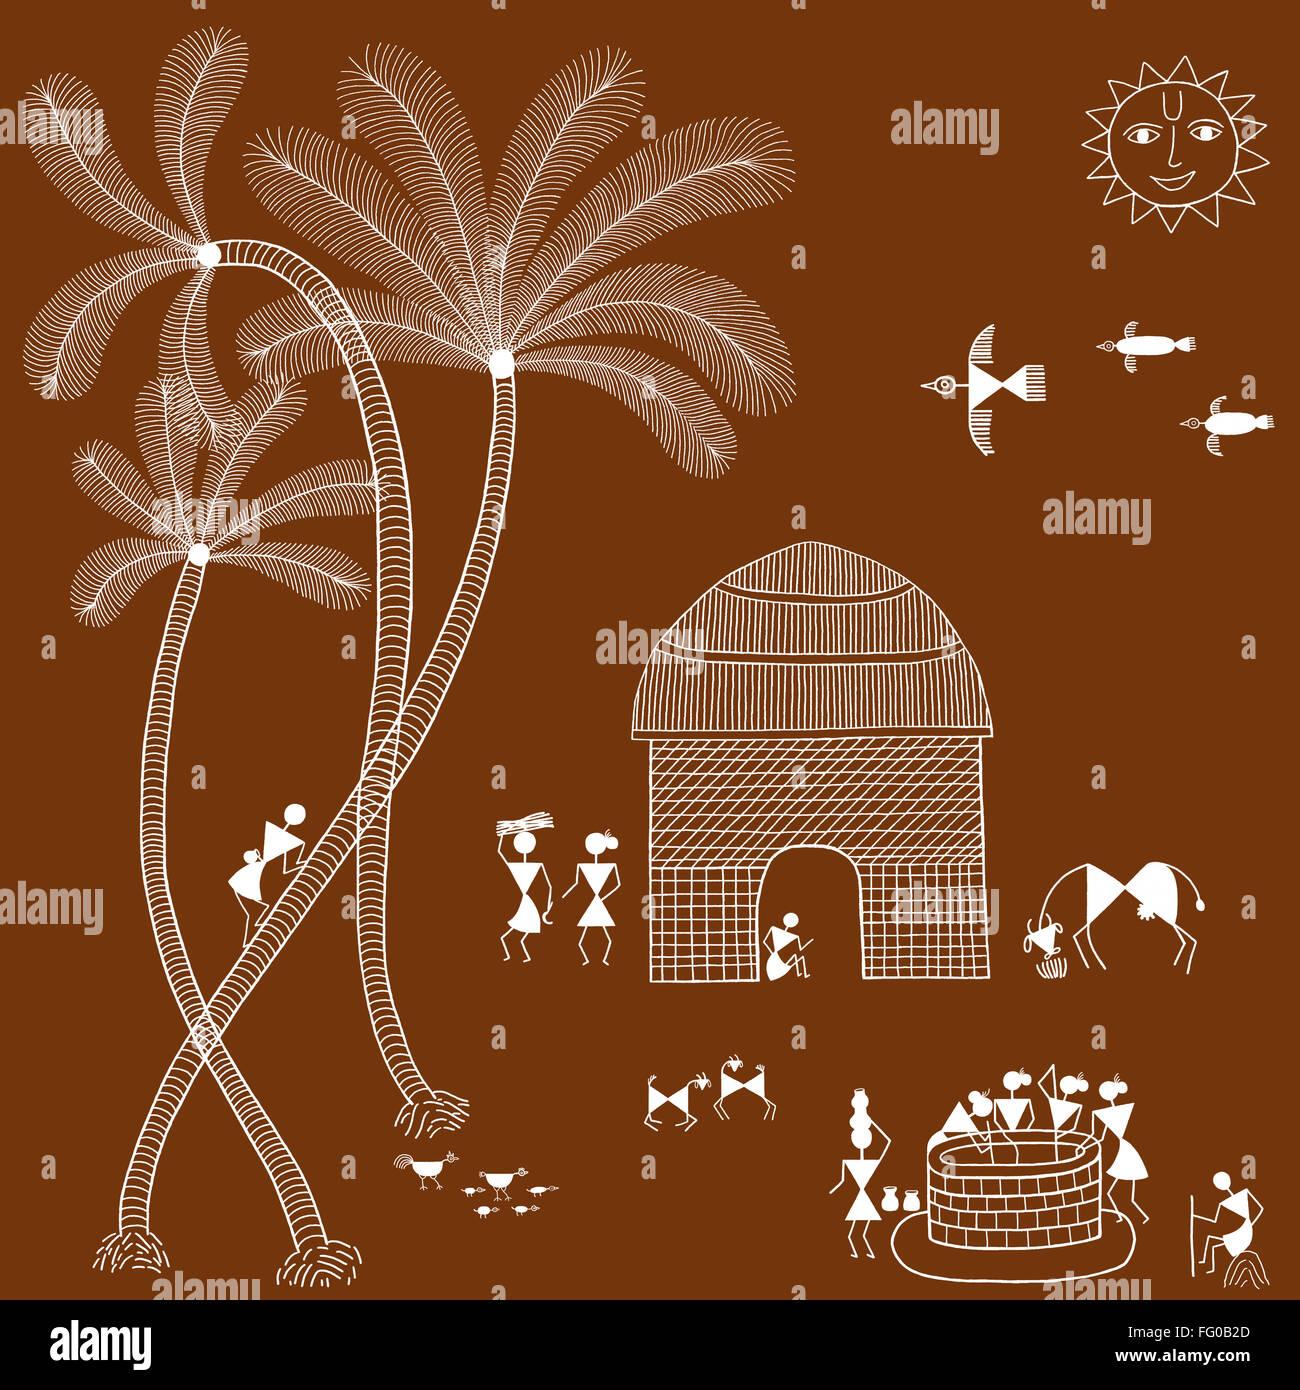 warli painting India Asia - Stock Image